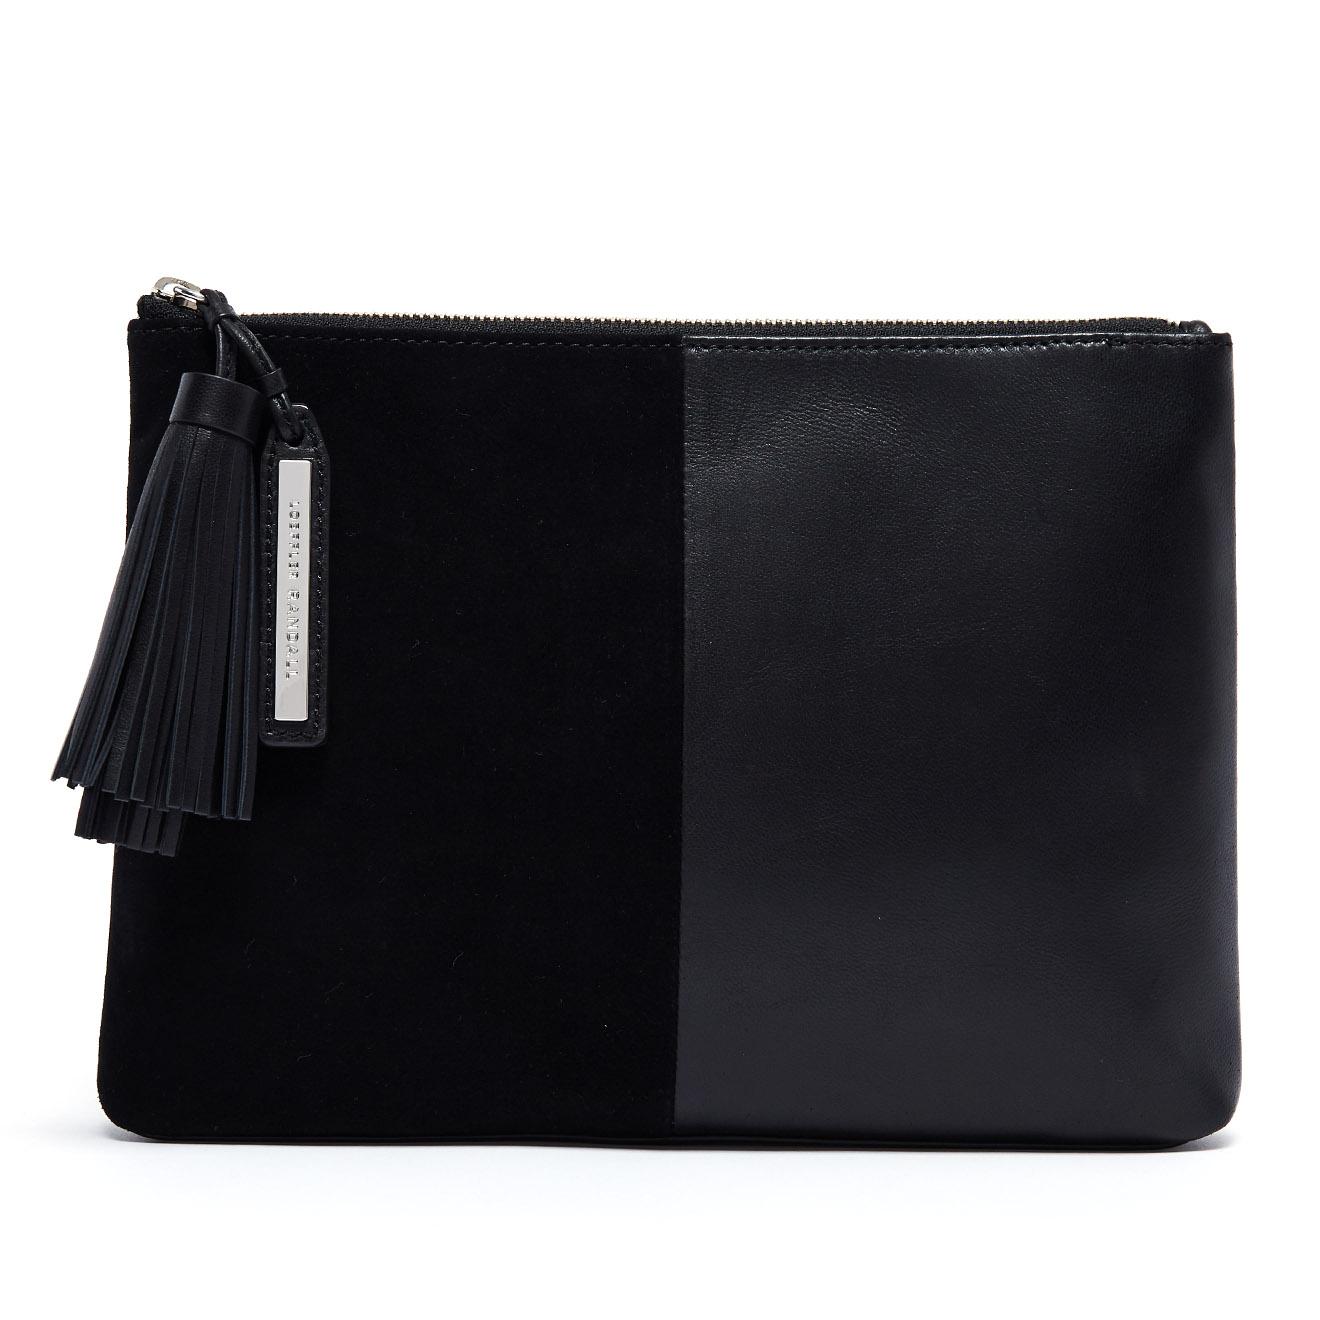 Pochette Tassel Pouch en Cuir bi-matière noire - 29x21,5x3 cm